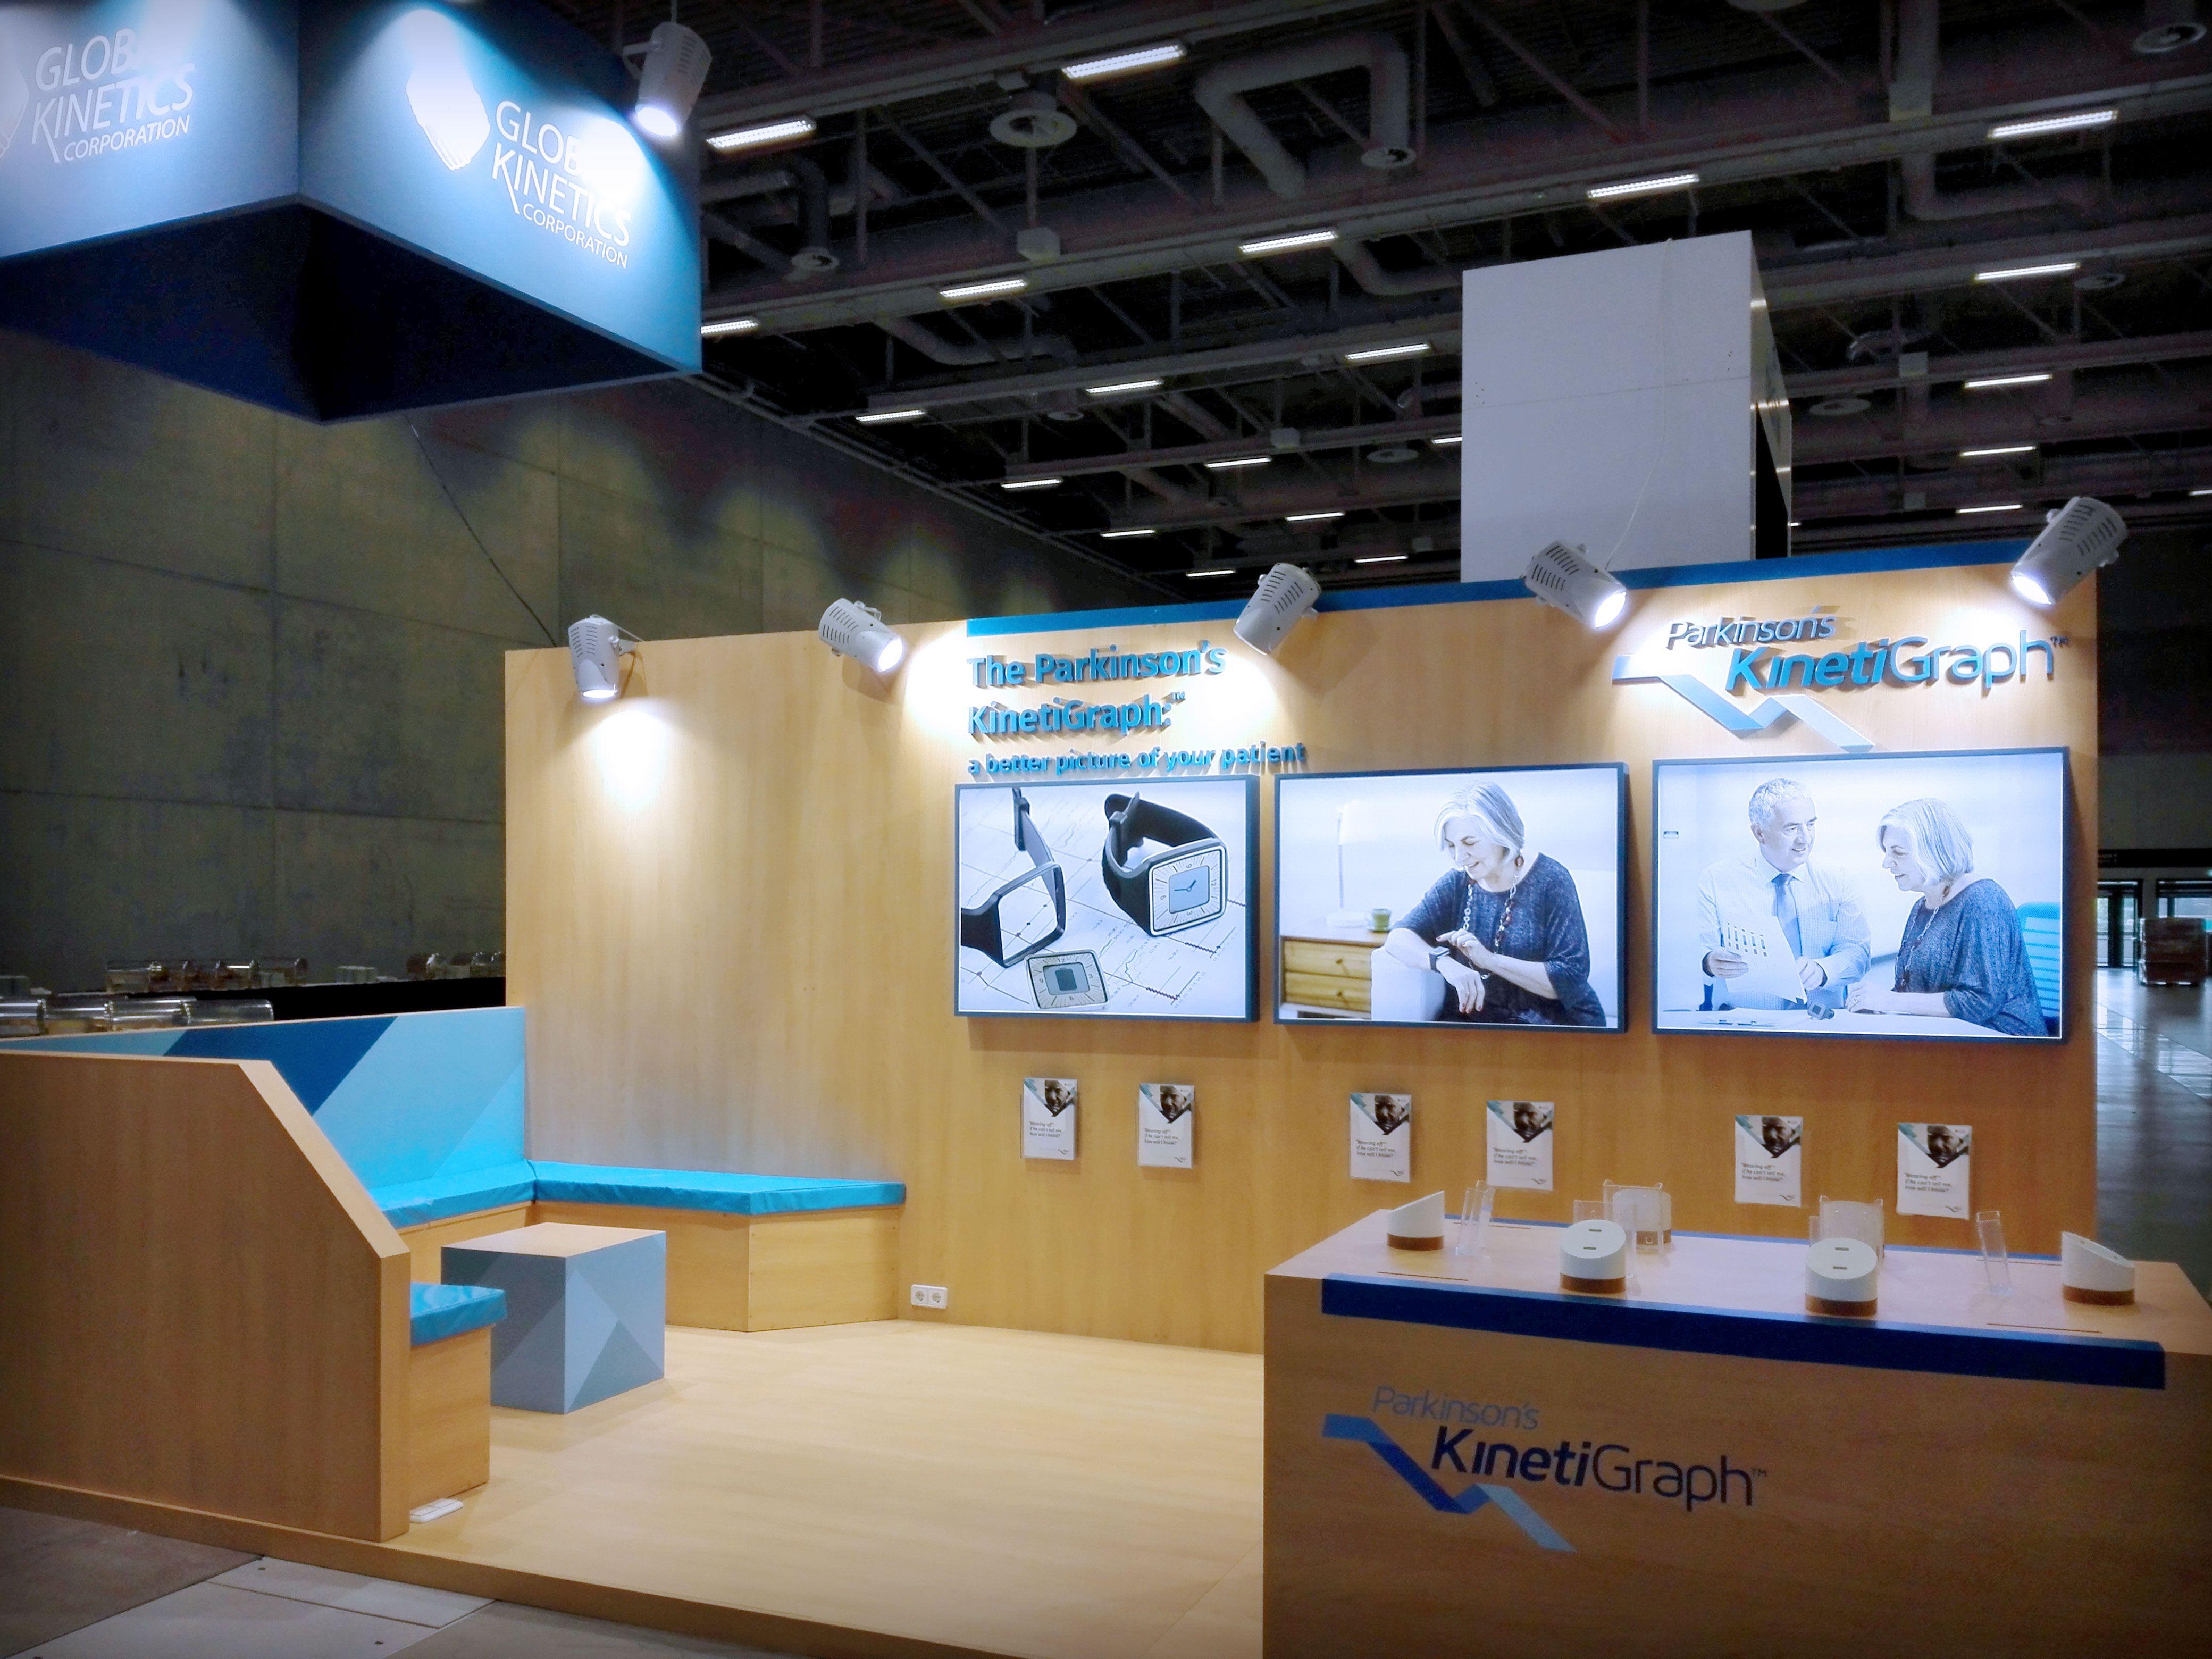 Fotos del stand construido para Global Kinetics diseñado por Büro North para el Congreso MDS de Berlín